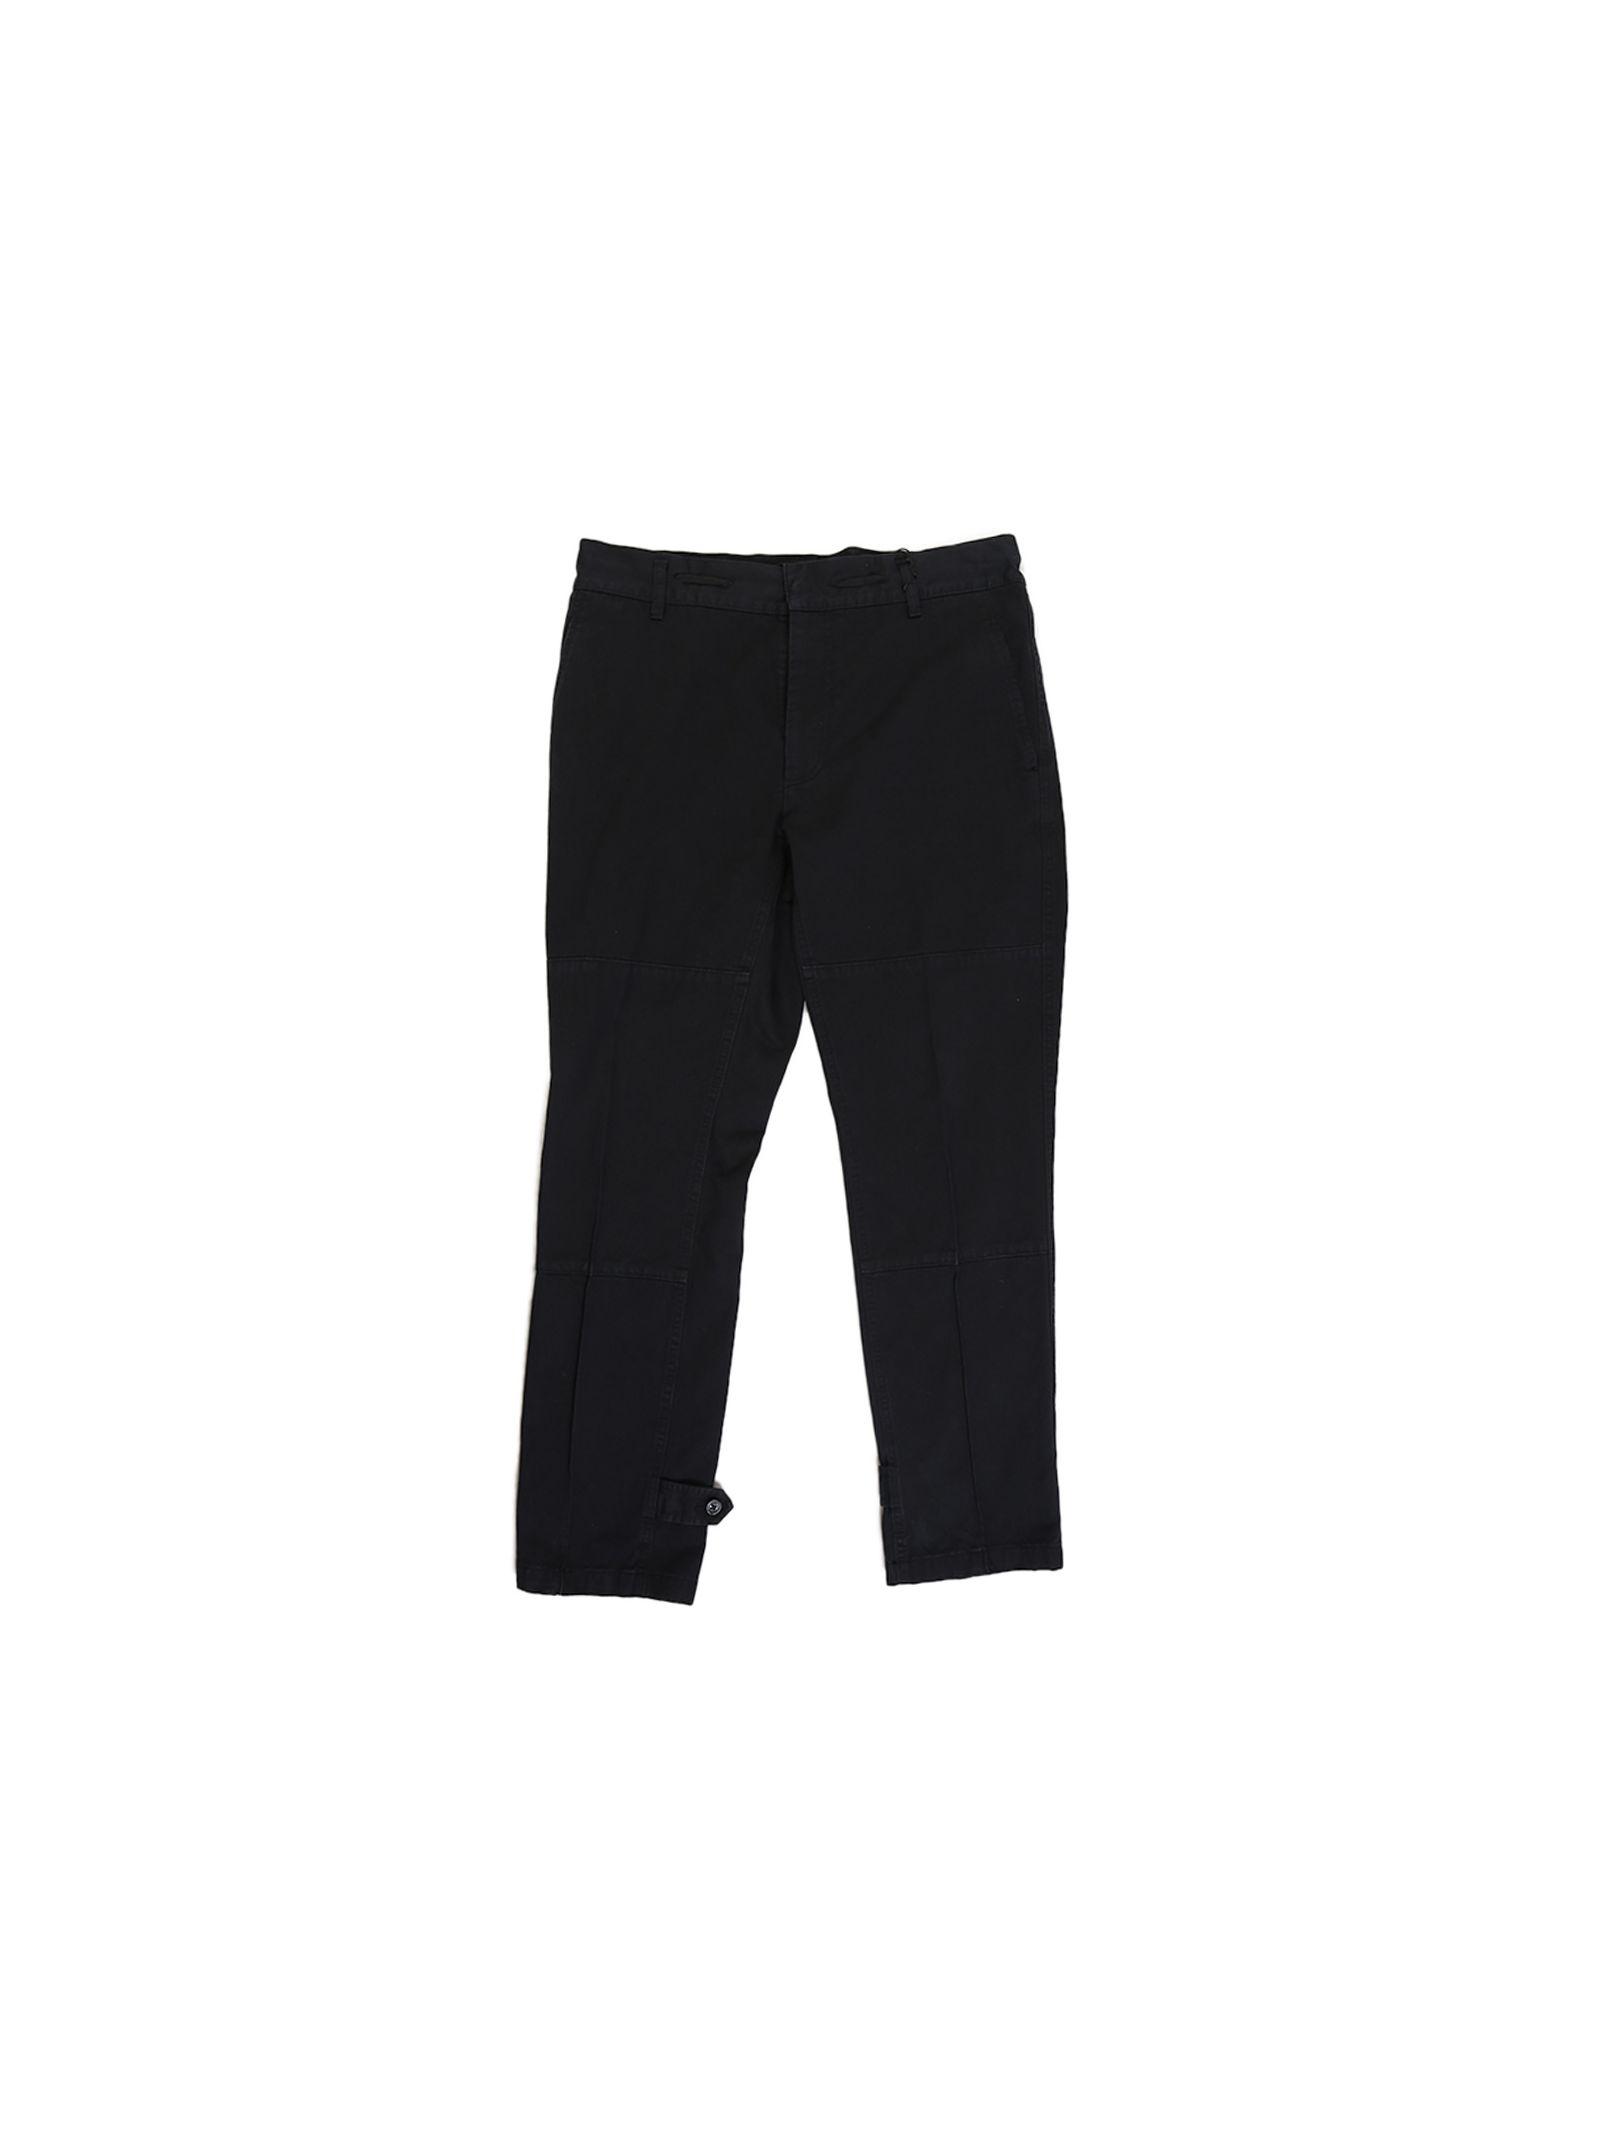 marc jacobs male 188971 black cotton trousers